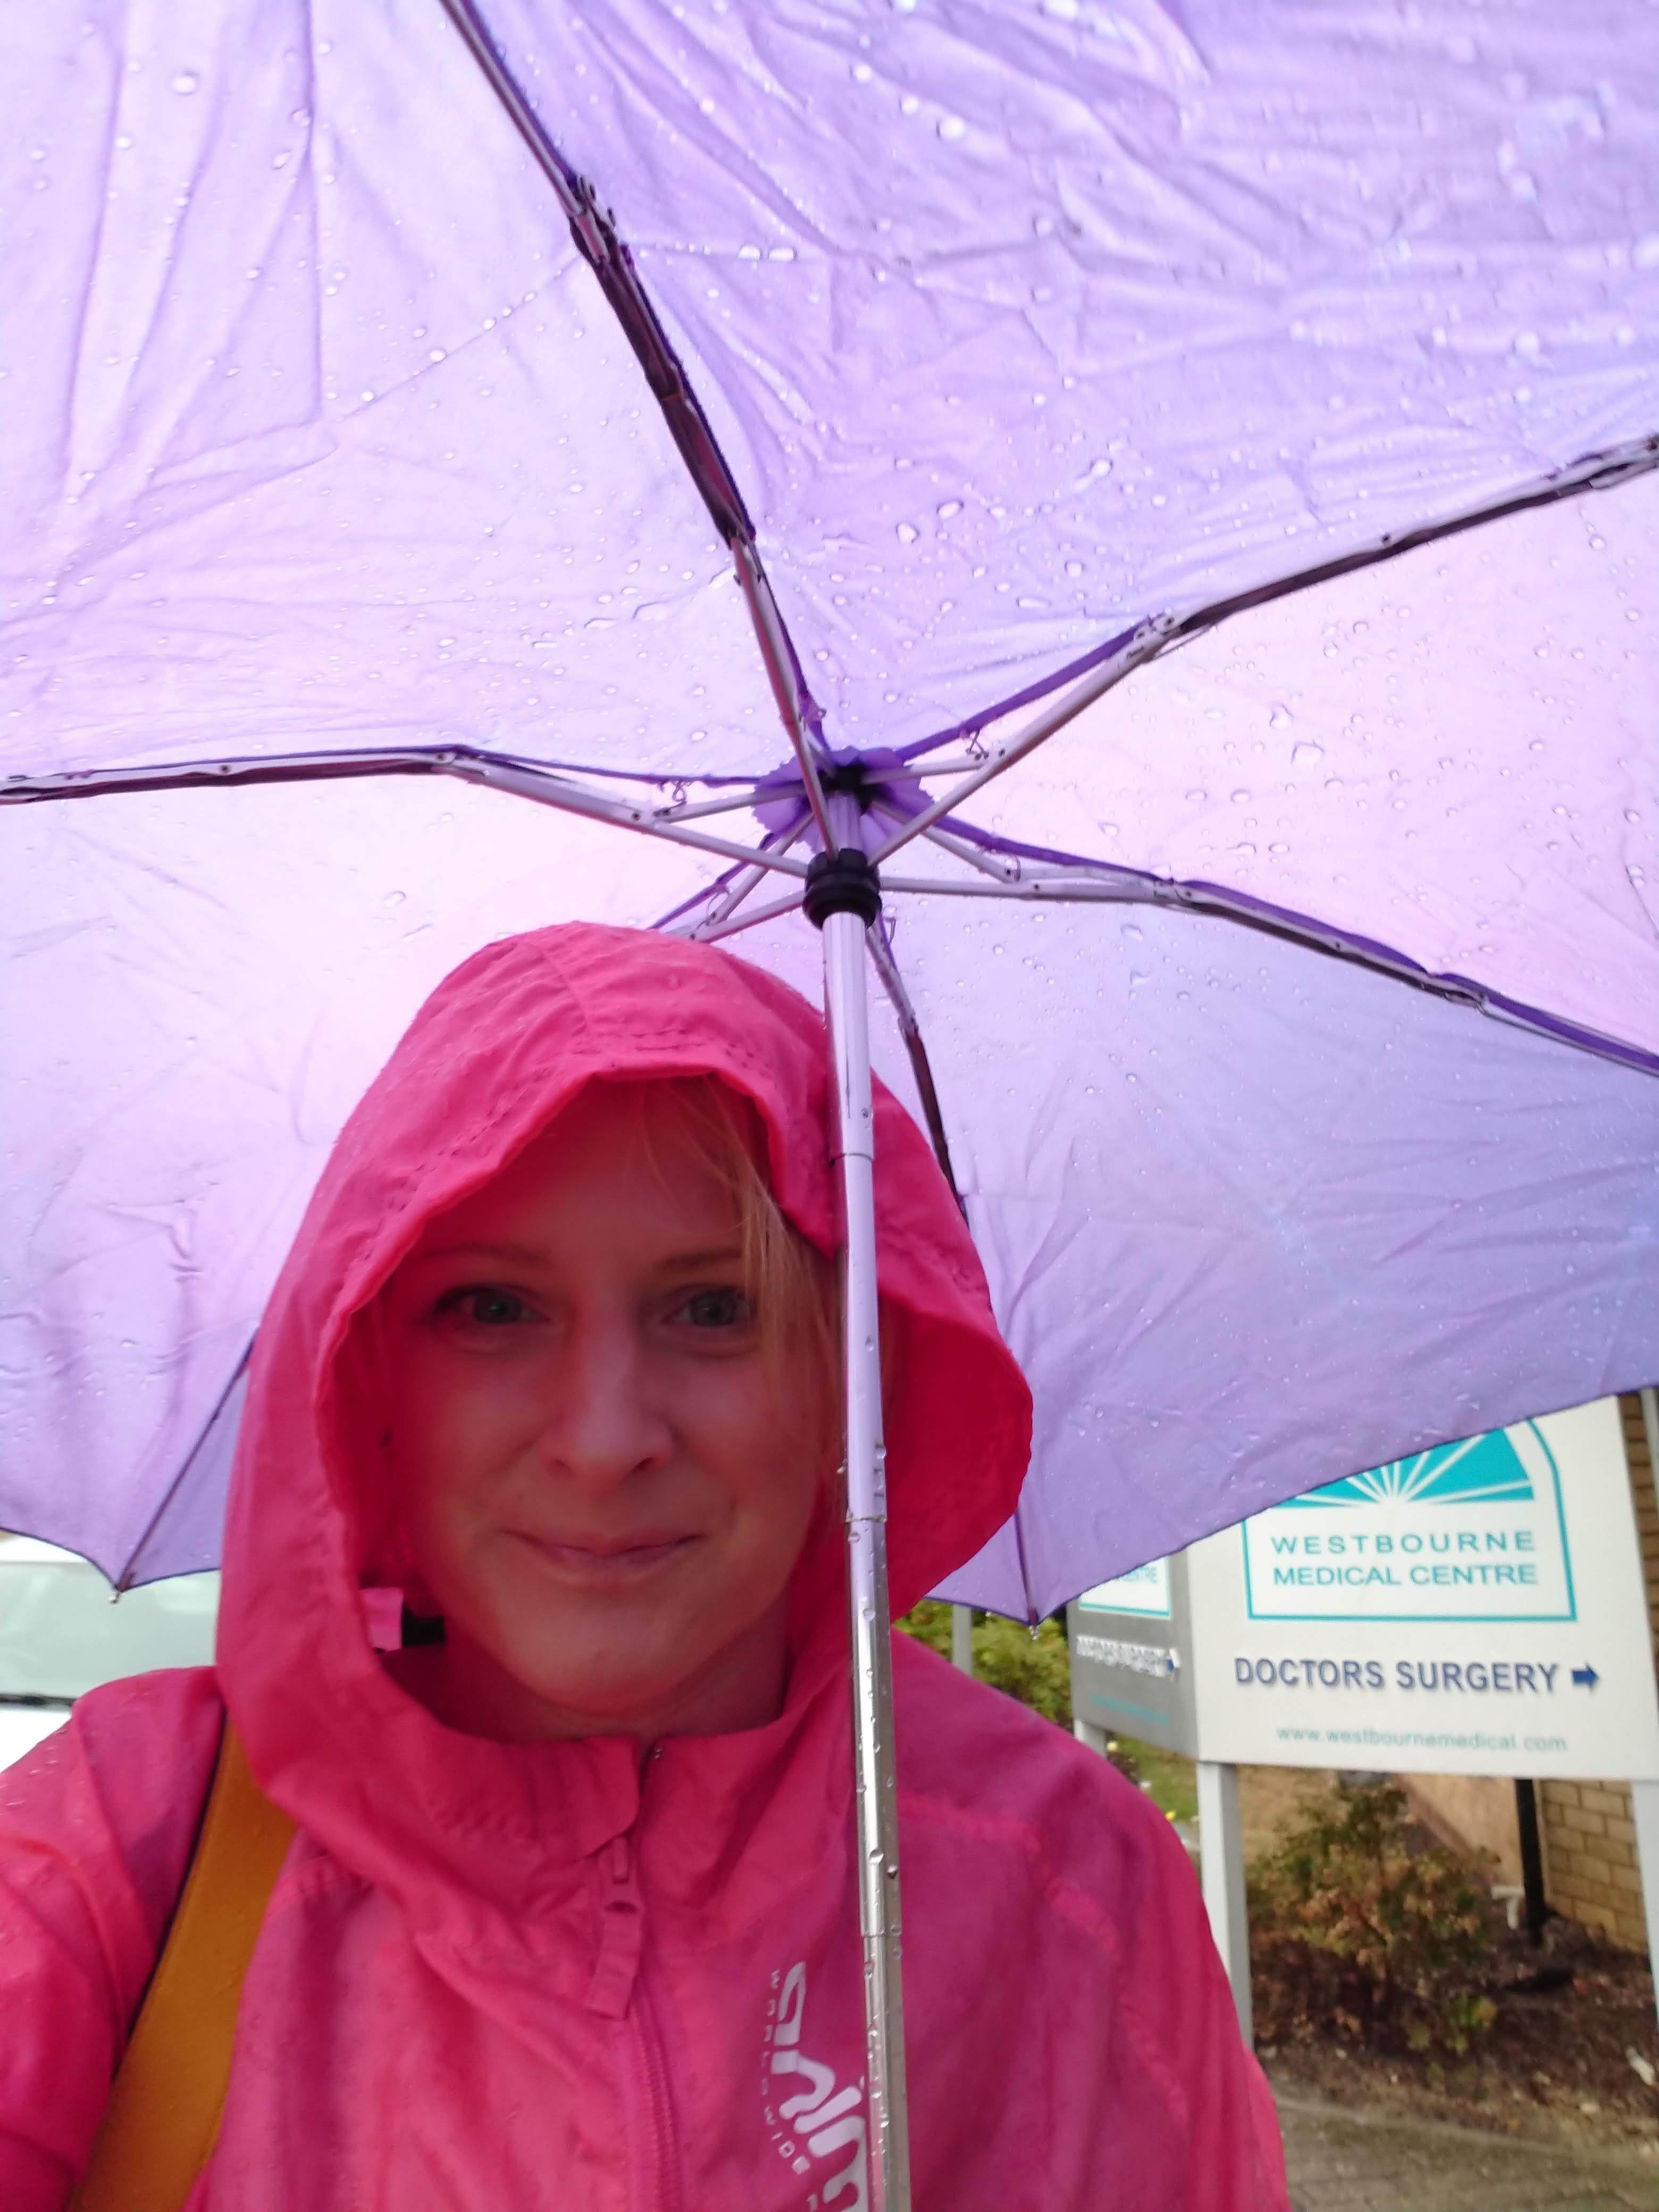 lady with purple umbrella in the rain